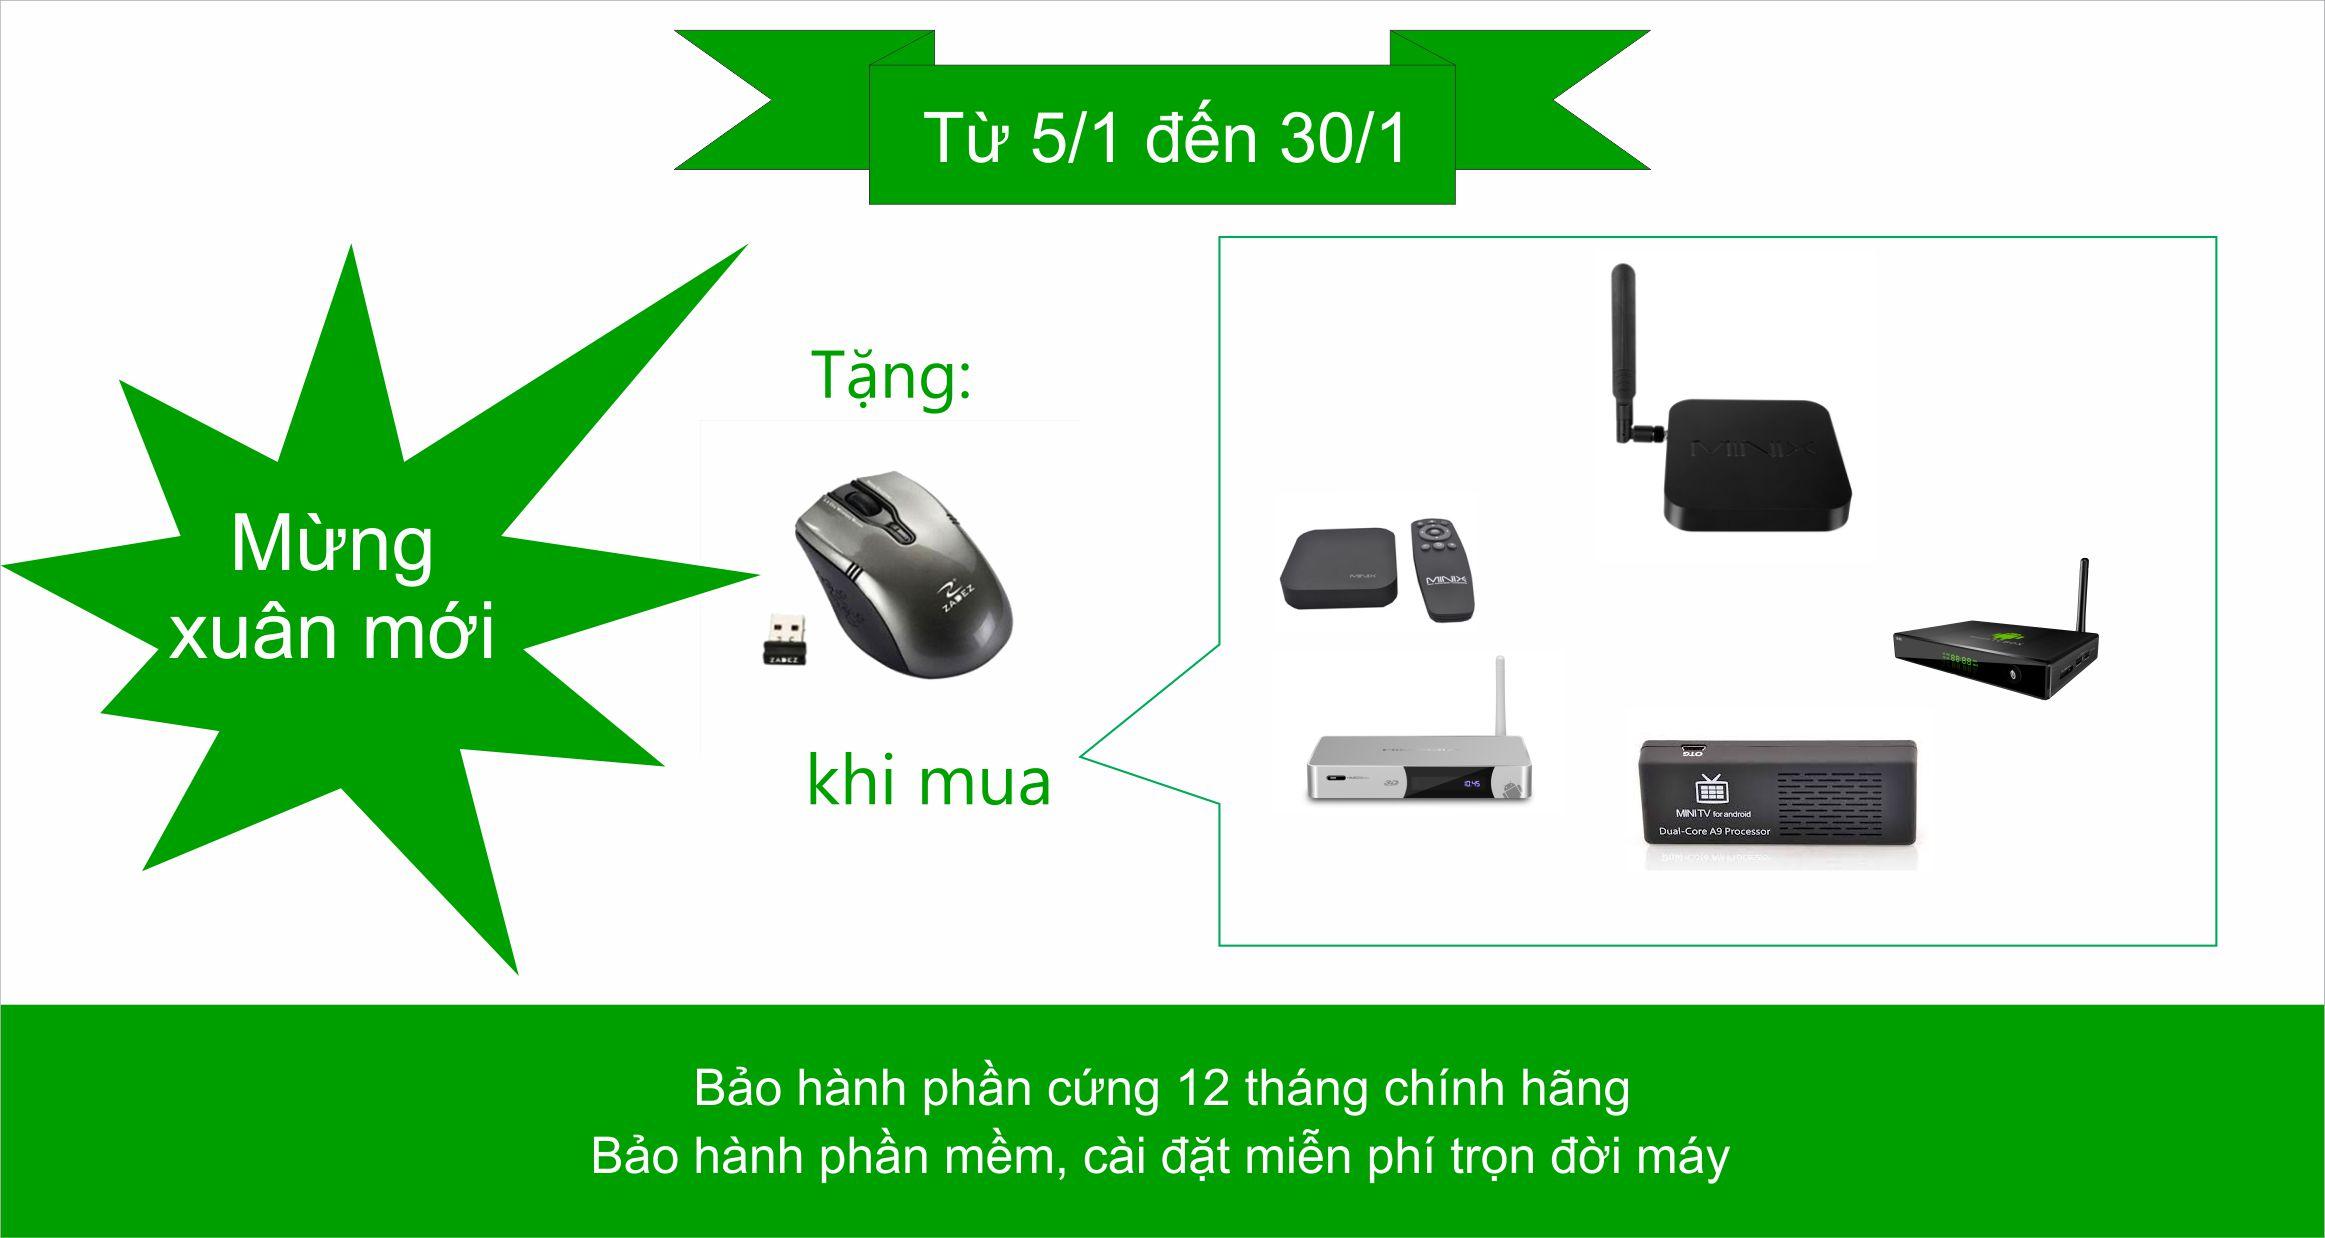 Mừng xuân mới – tặng chuột không dây khi mua sản phẩm Android box/stick